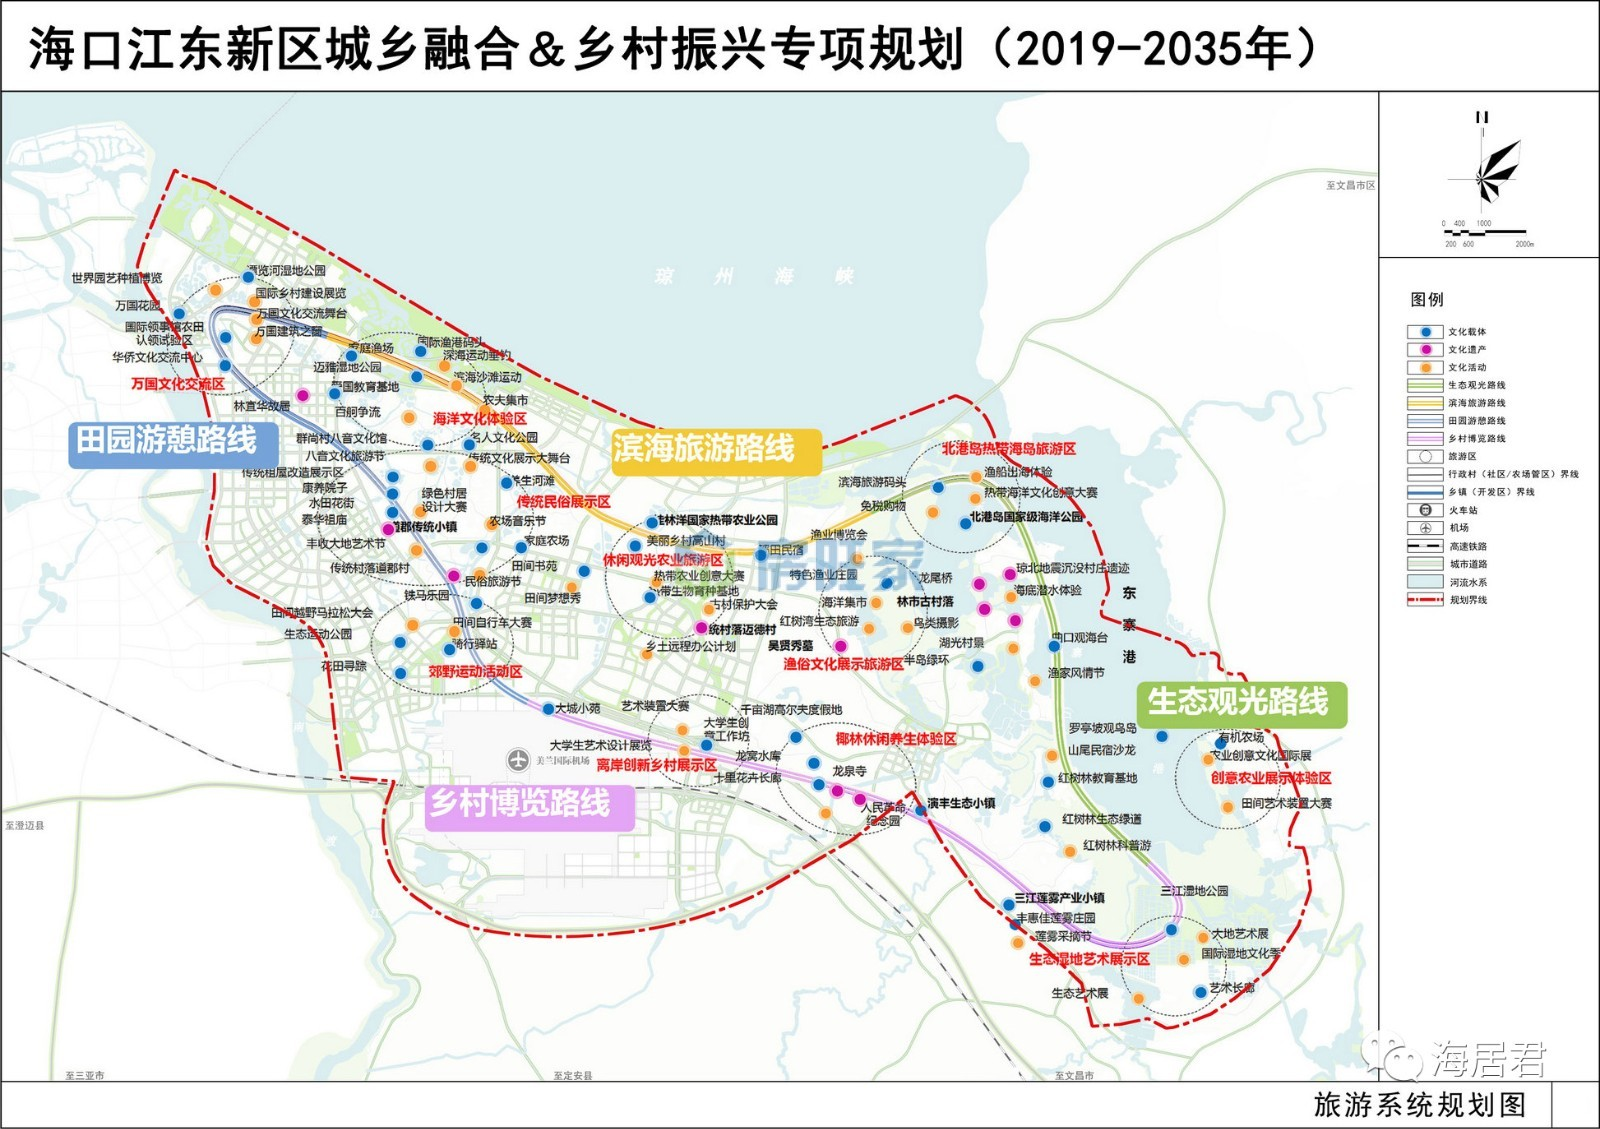 海口江东新区城乡融合&乡村振兴专项规划旅游系统规划图